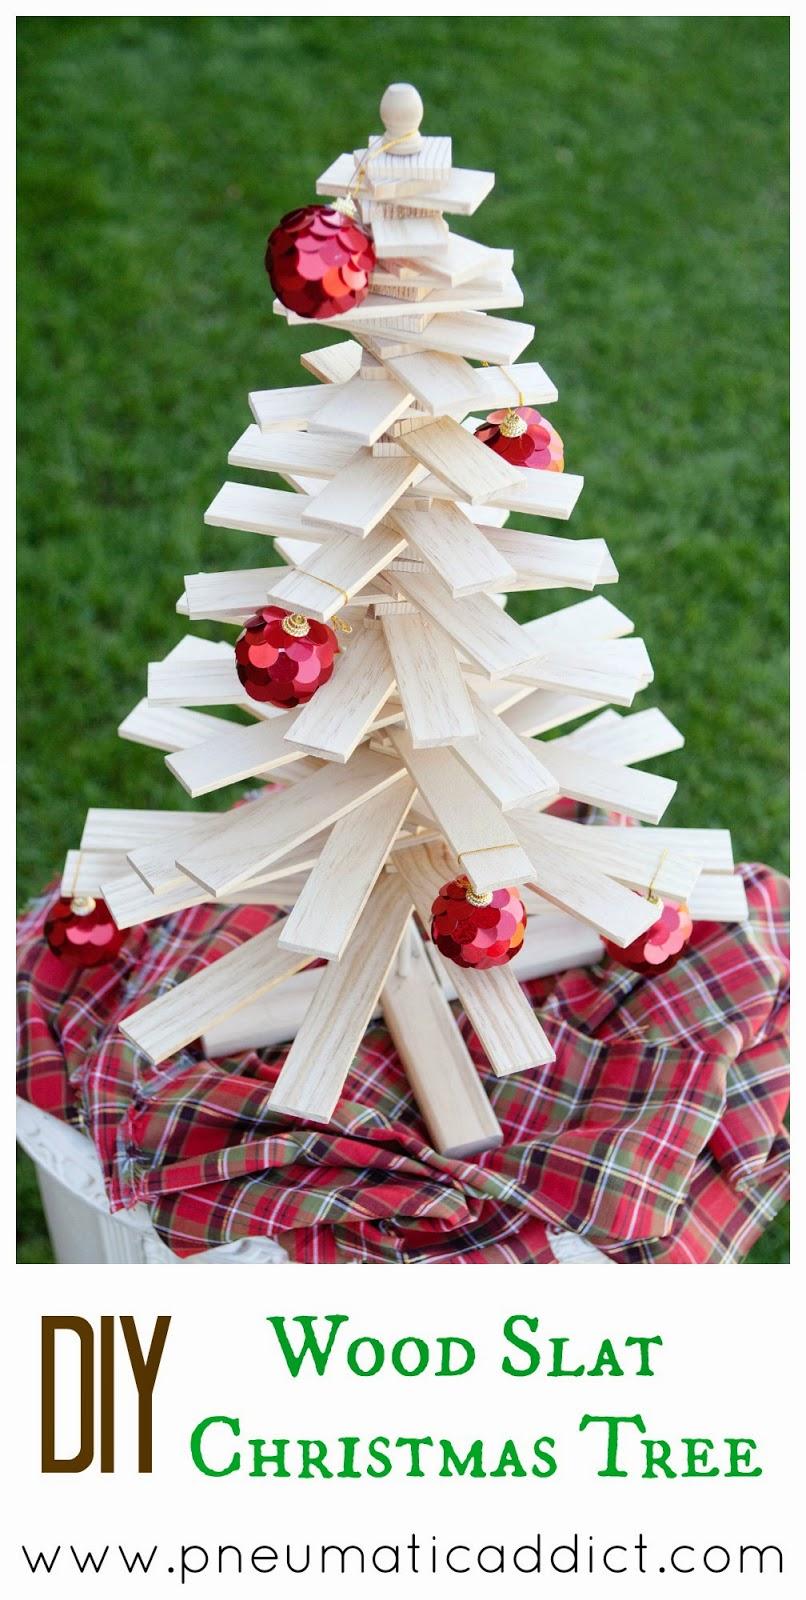 Wood Slat Christmas Tree